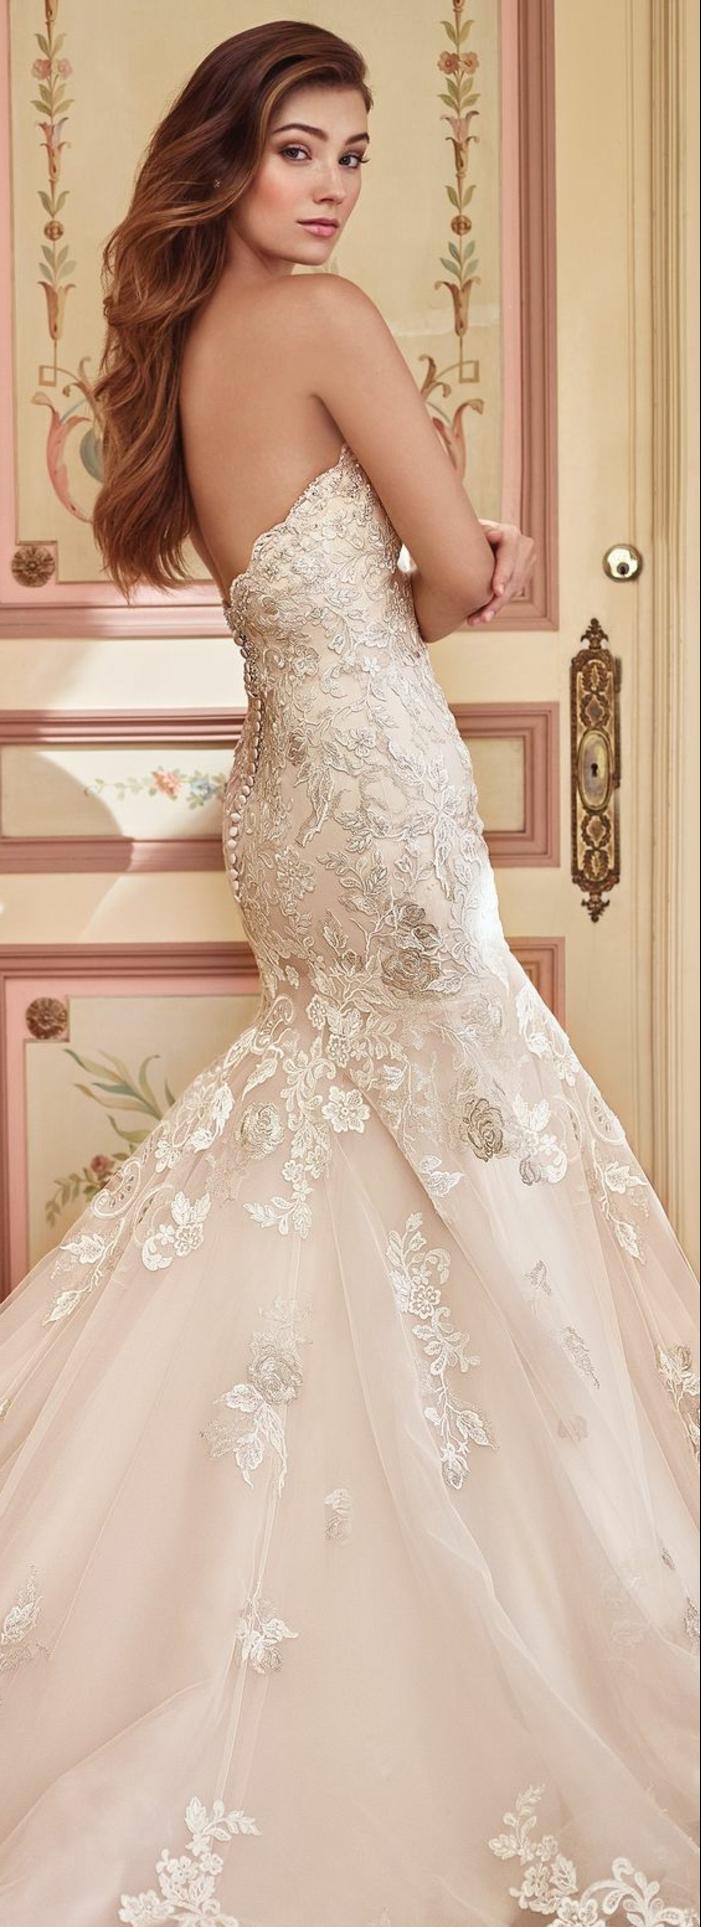 robe mariée couleur nude, une jolie robe sirène au dos nu, cheveux ondulants